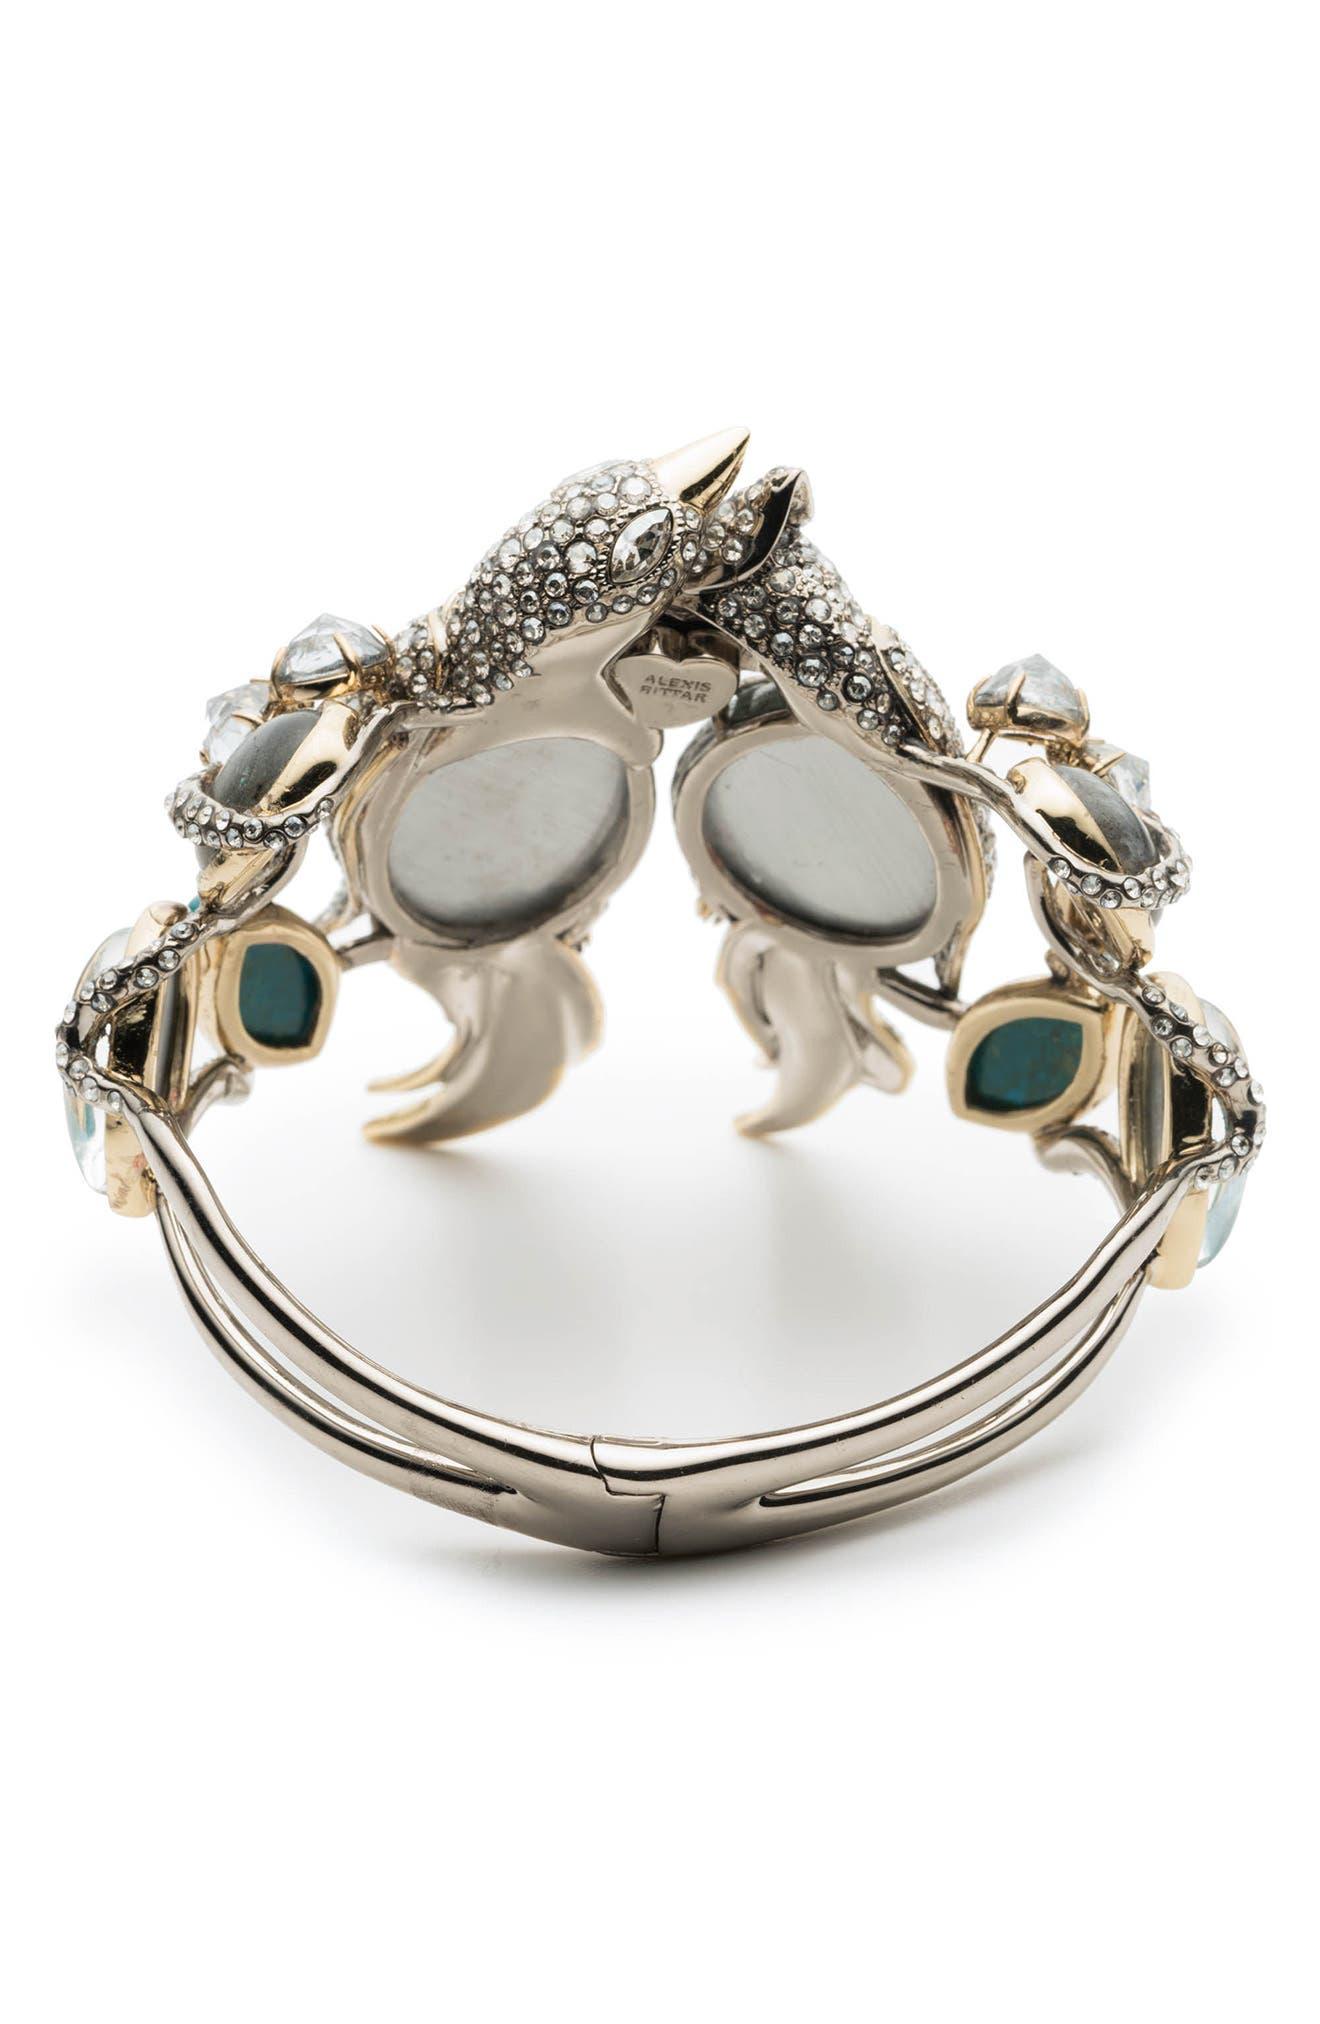 Lovebird Hinge Bracelet,                             Alternate thumbnail 3, color,                             710